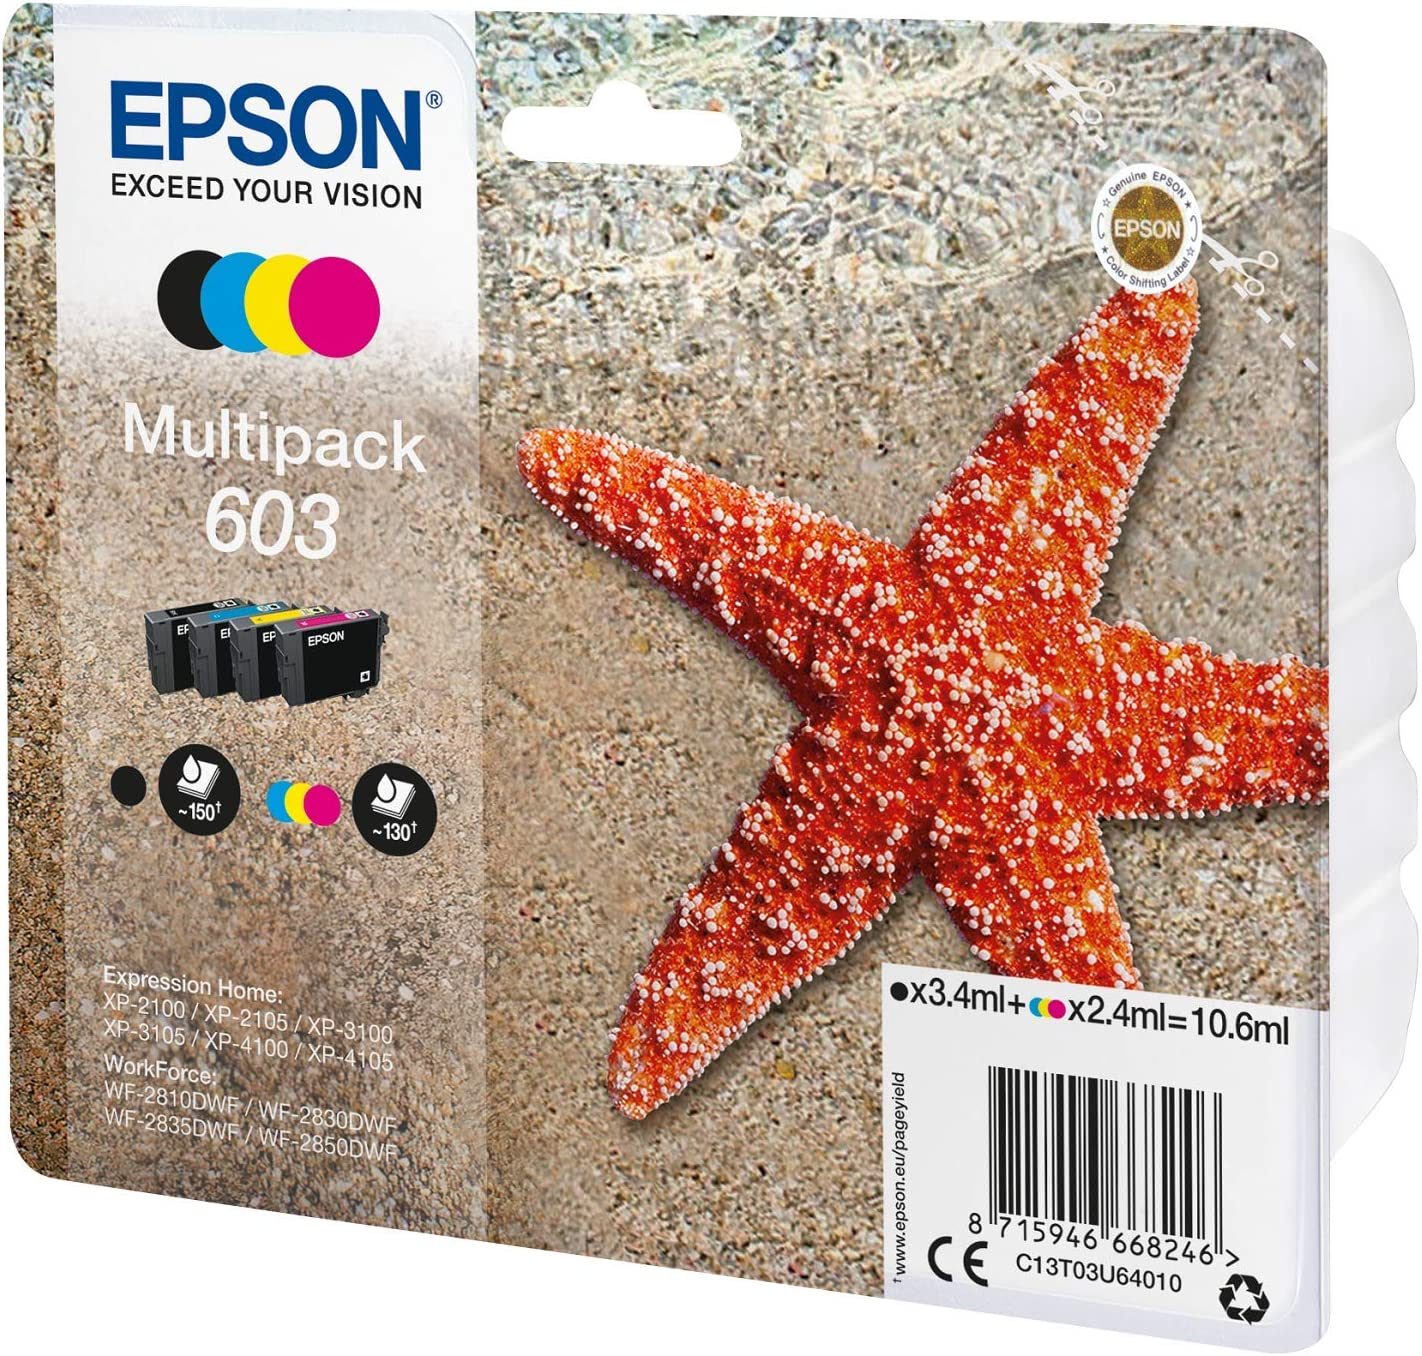 CARTUCCIA ORIGINALE EPSON C13T03U64010 603 MULTIPACK BK-C-M-Y #0996